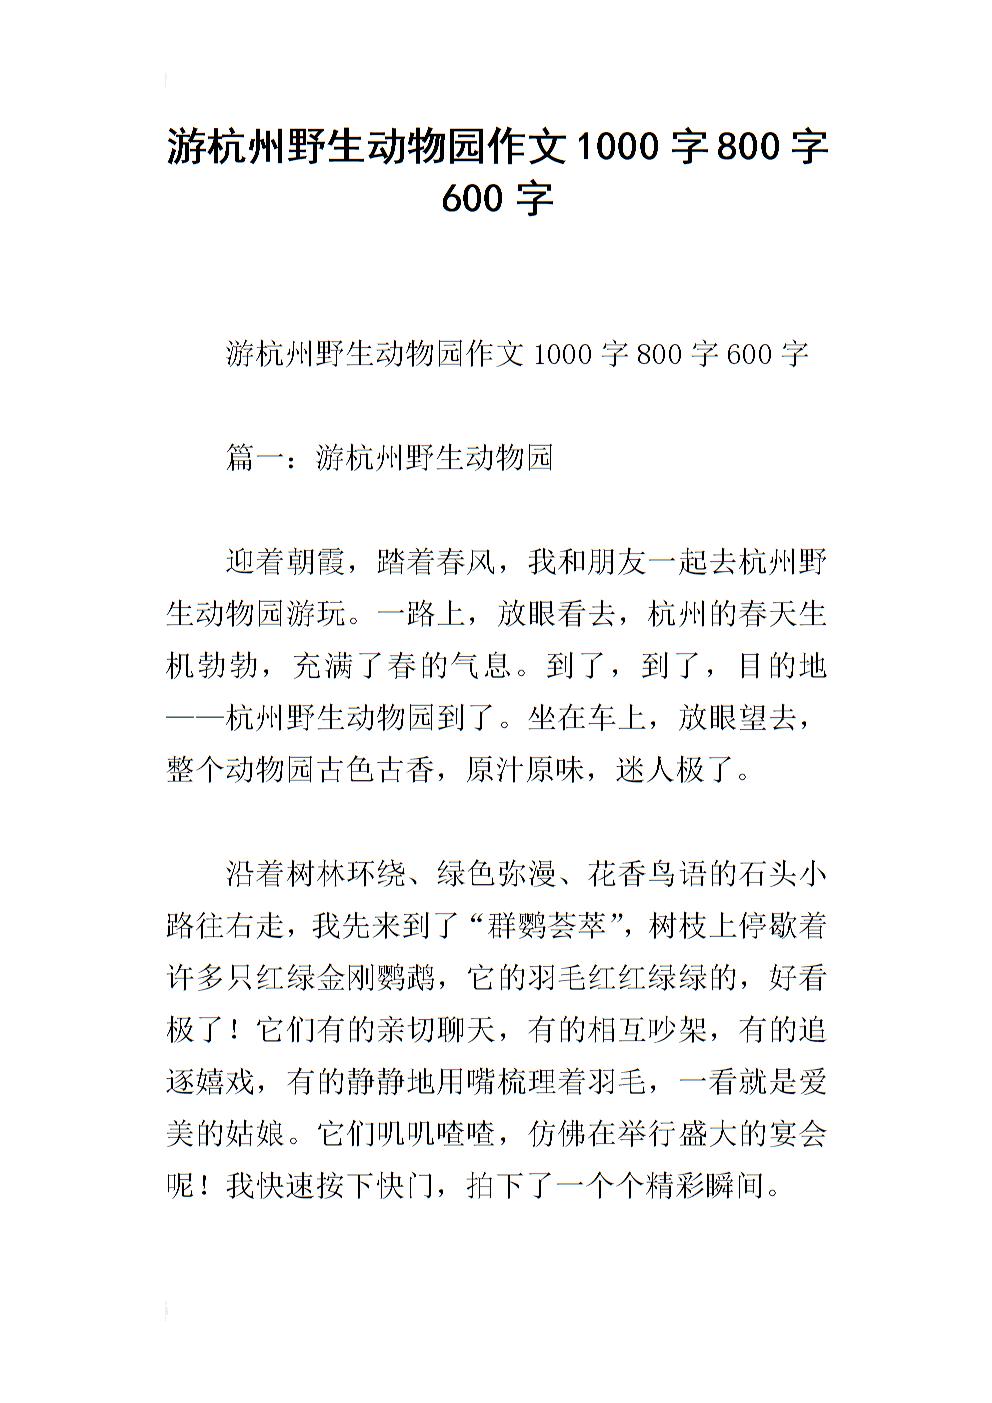 游杭州野生动物园作文1000字800字600字.docx